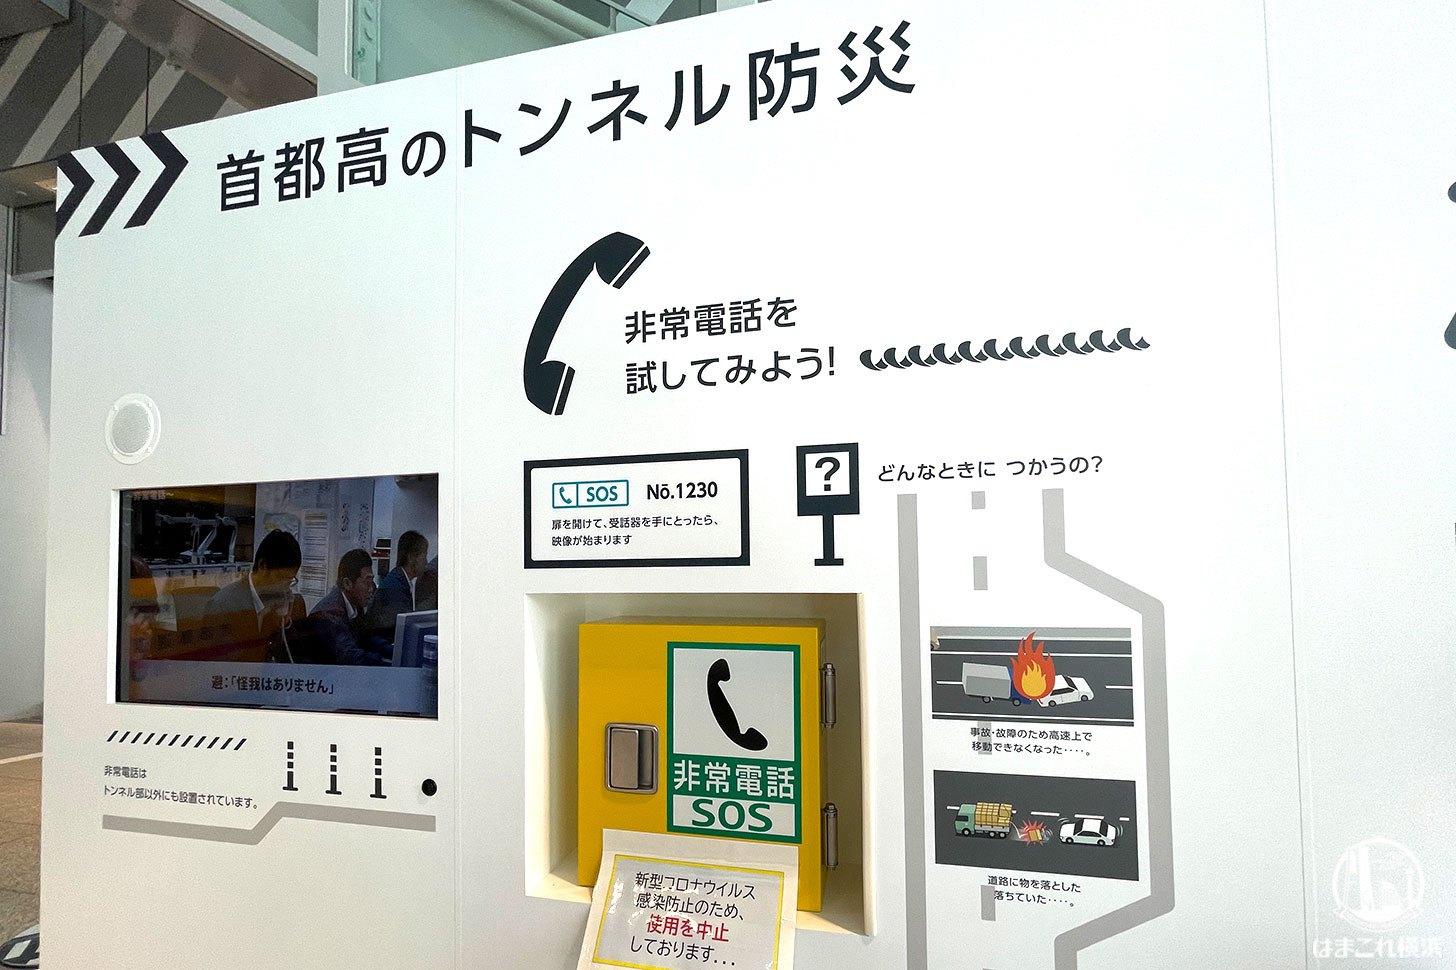 トンネルの防災紹介